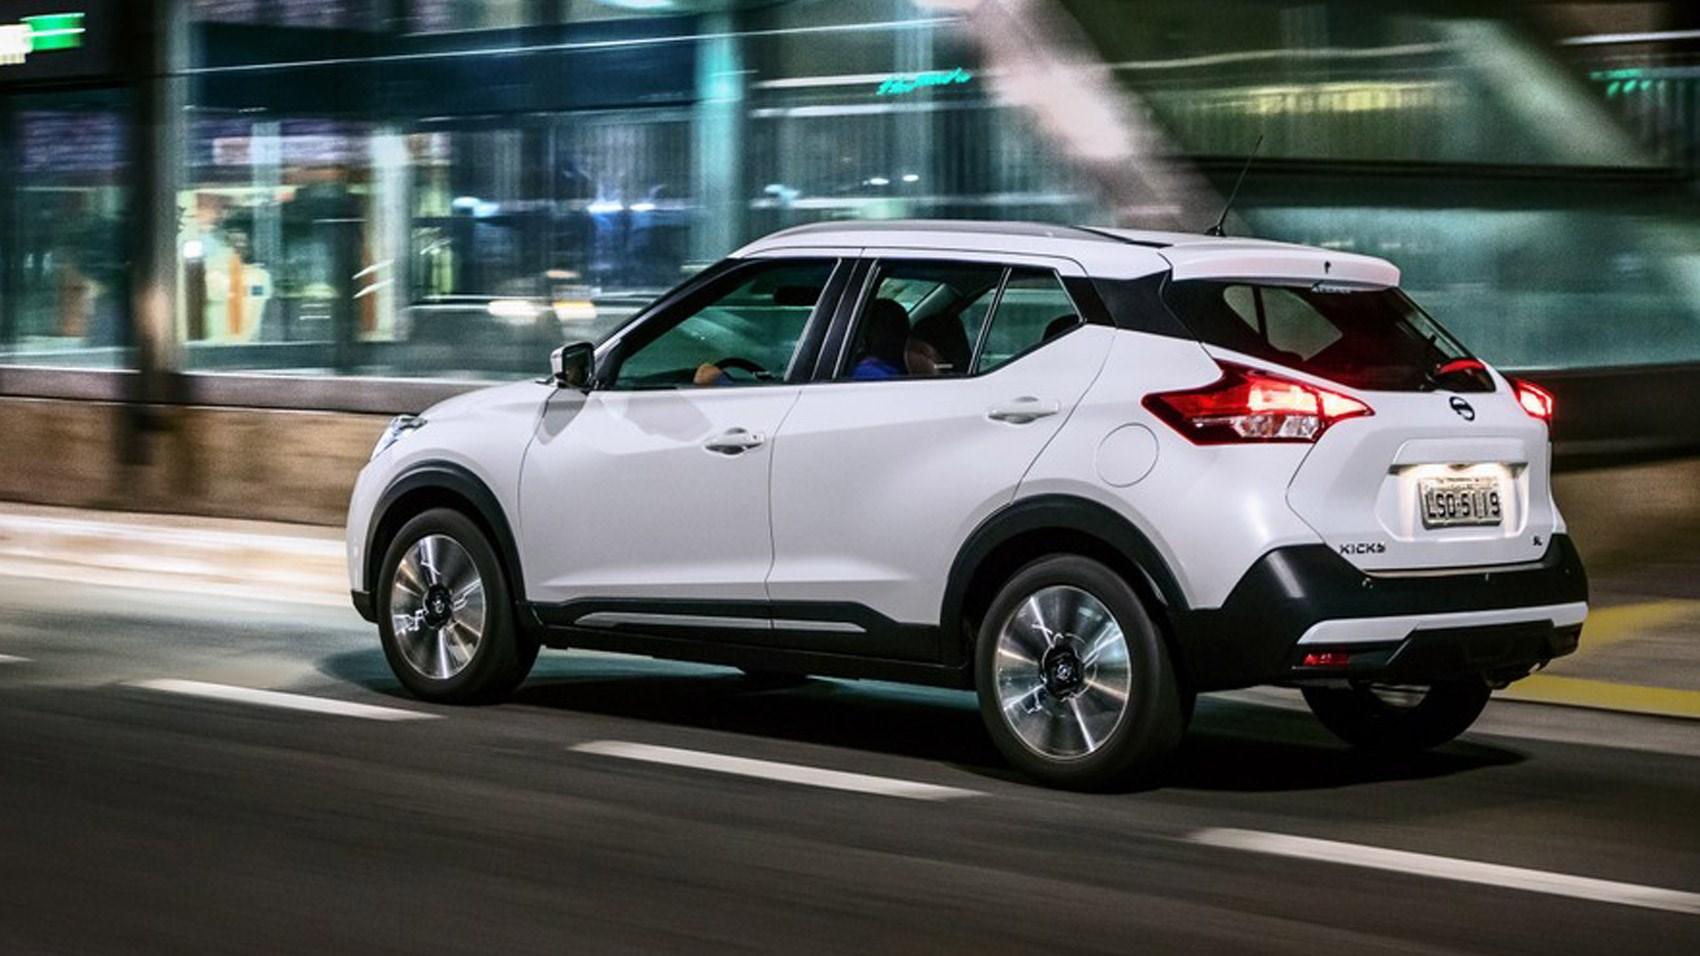 Nissan Kicks SL 1.6 16v (2016) review by CAR Magazine